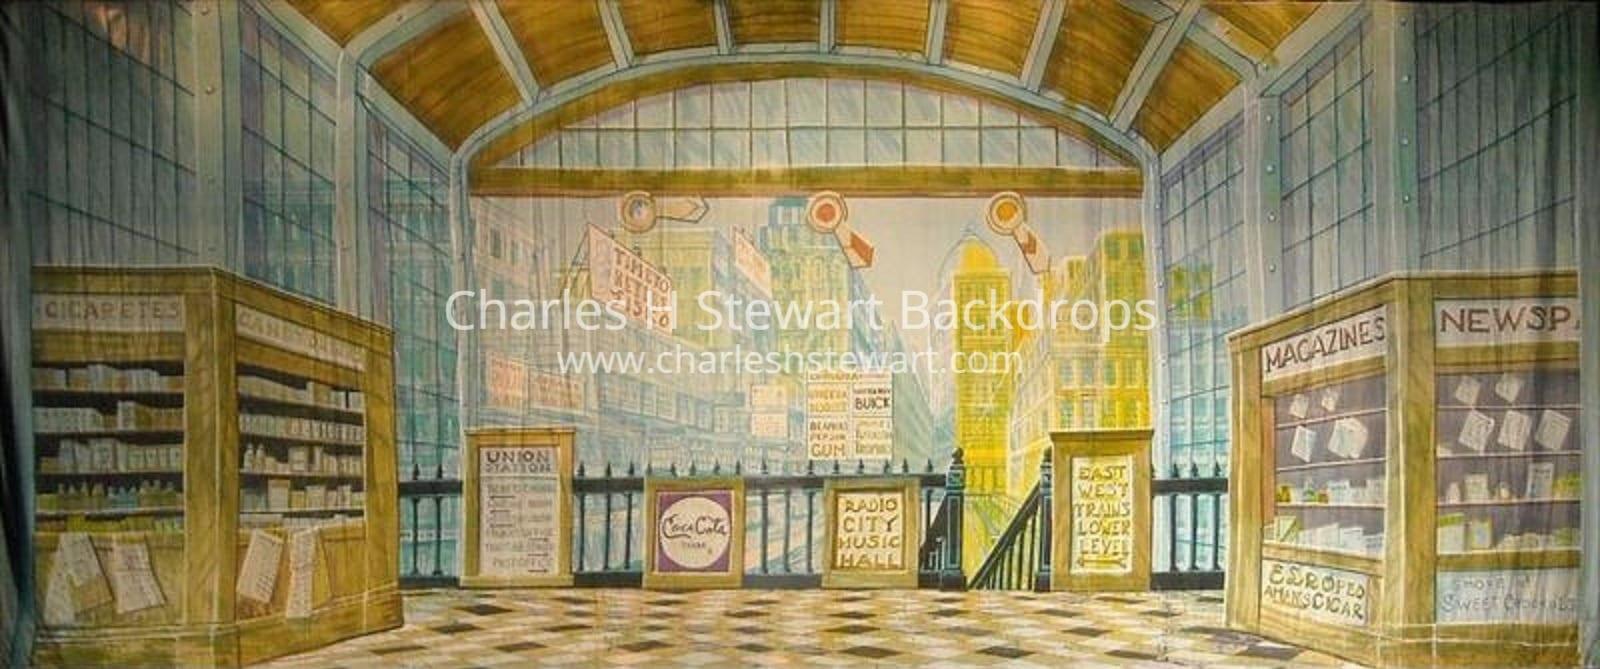 railroad station backdrop backdrops by charles h stewart. Black Bedroom Furniture Sets. Home Design Ideas